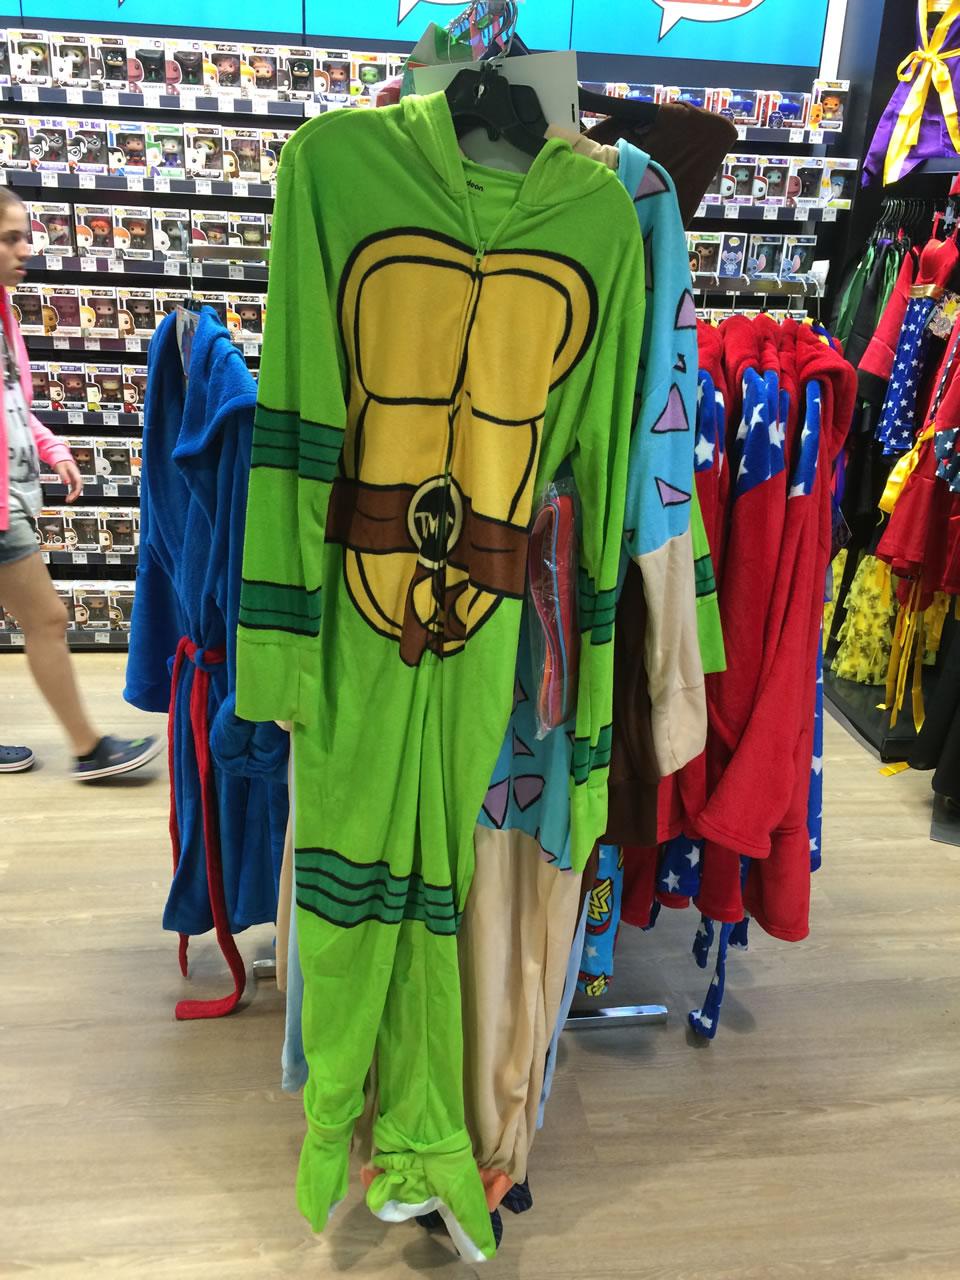 35 thinkgeek store - tmnt footy pajamas